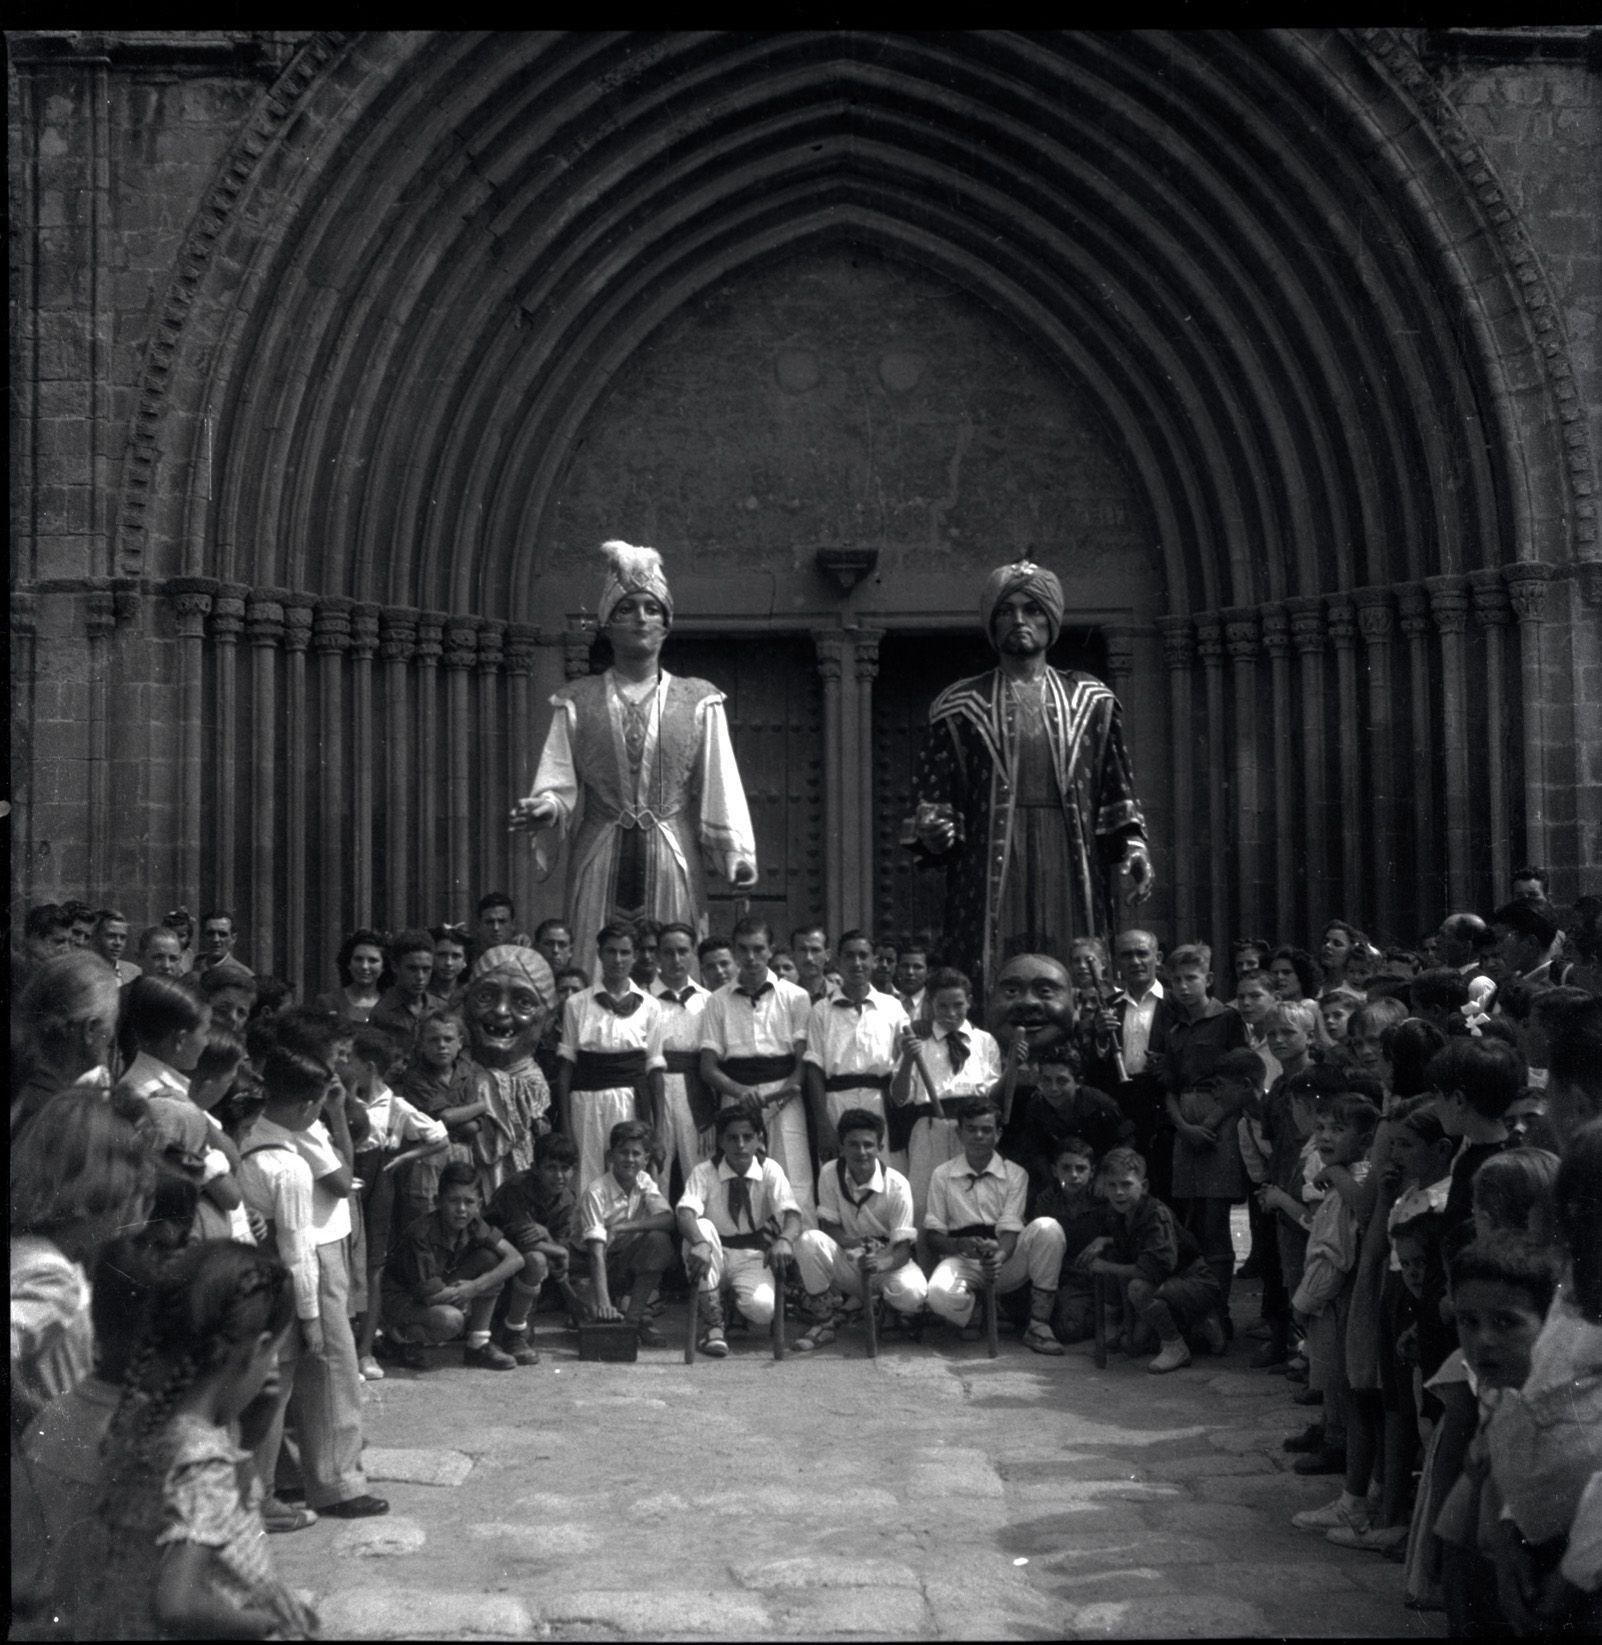 Trobada cultural a l'any 1948. Fons Cabanas (fotògrafs). AMSCV